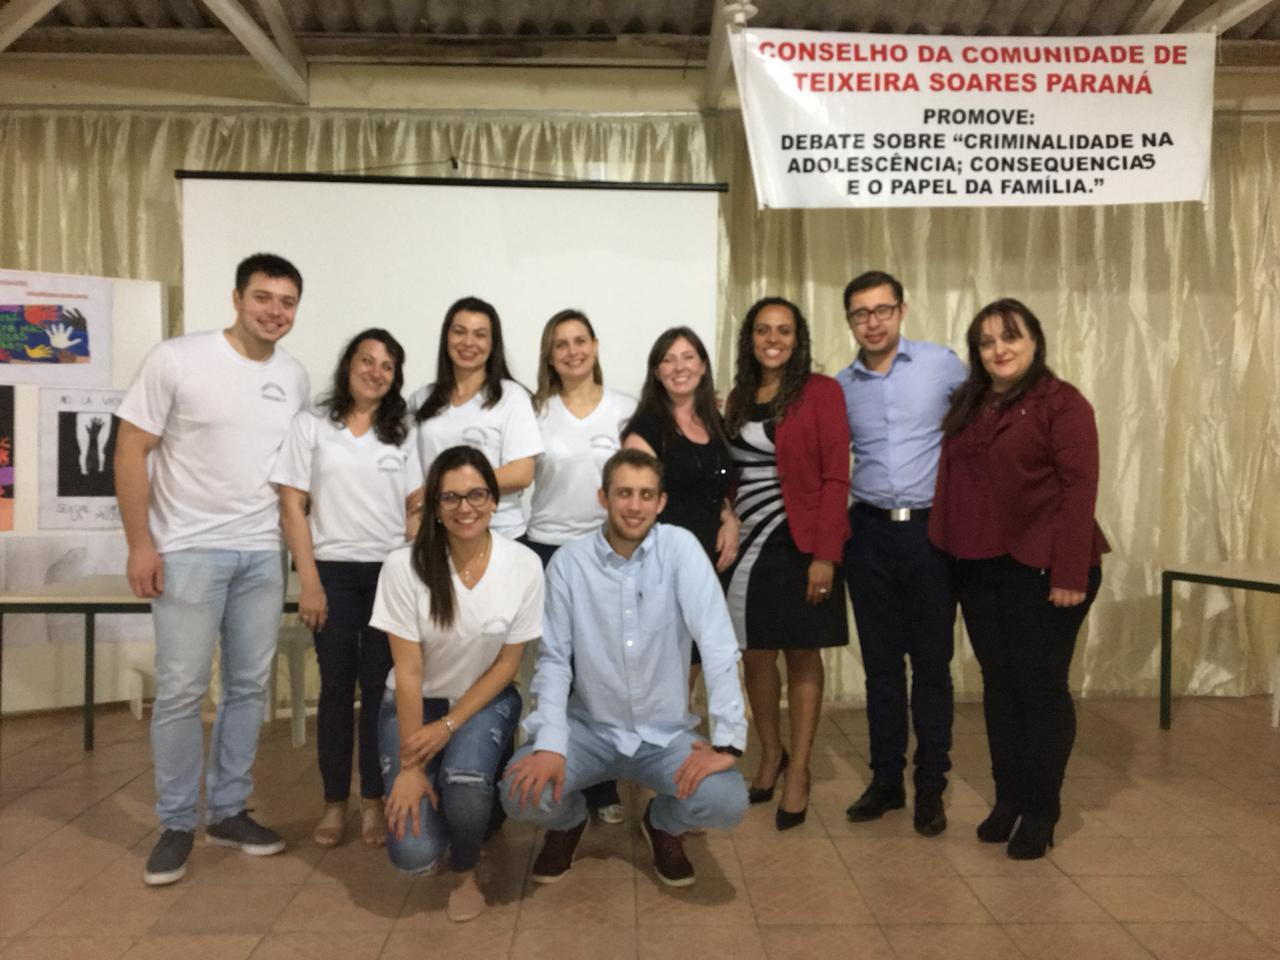 Juiz de Teixeira Soares reúne comunidade local para debater a criminalidade na adolescência